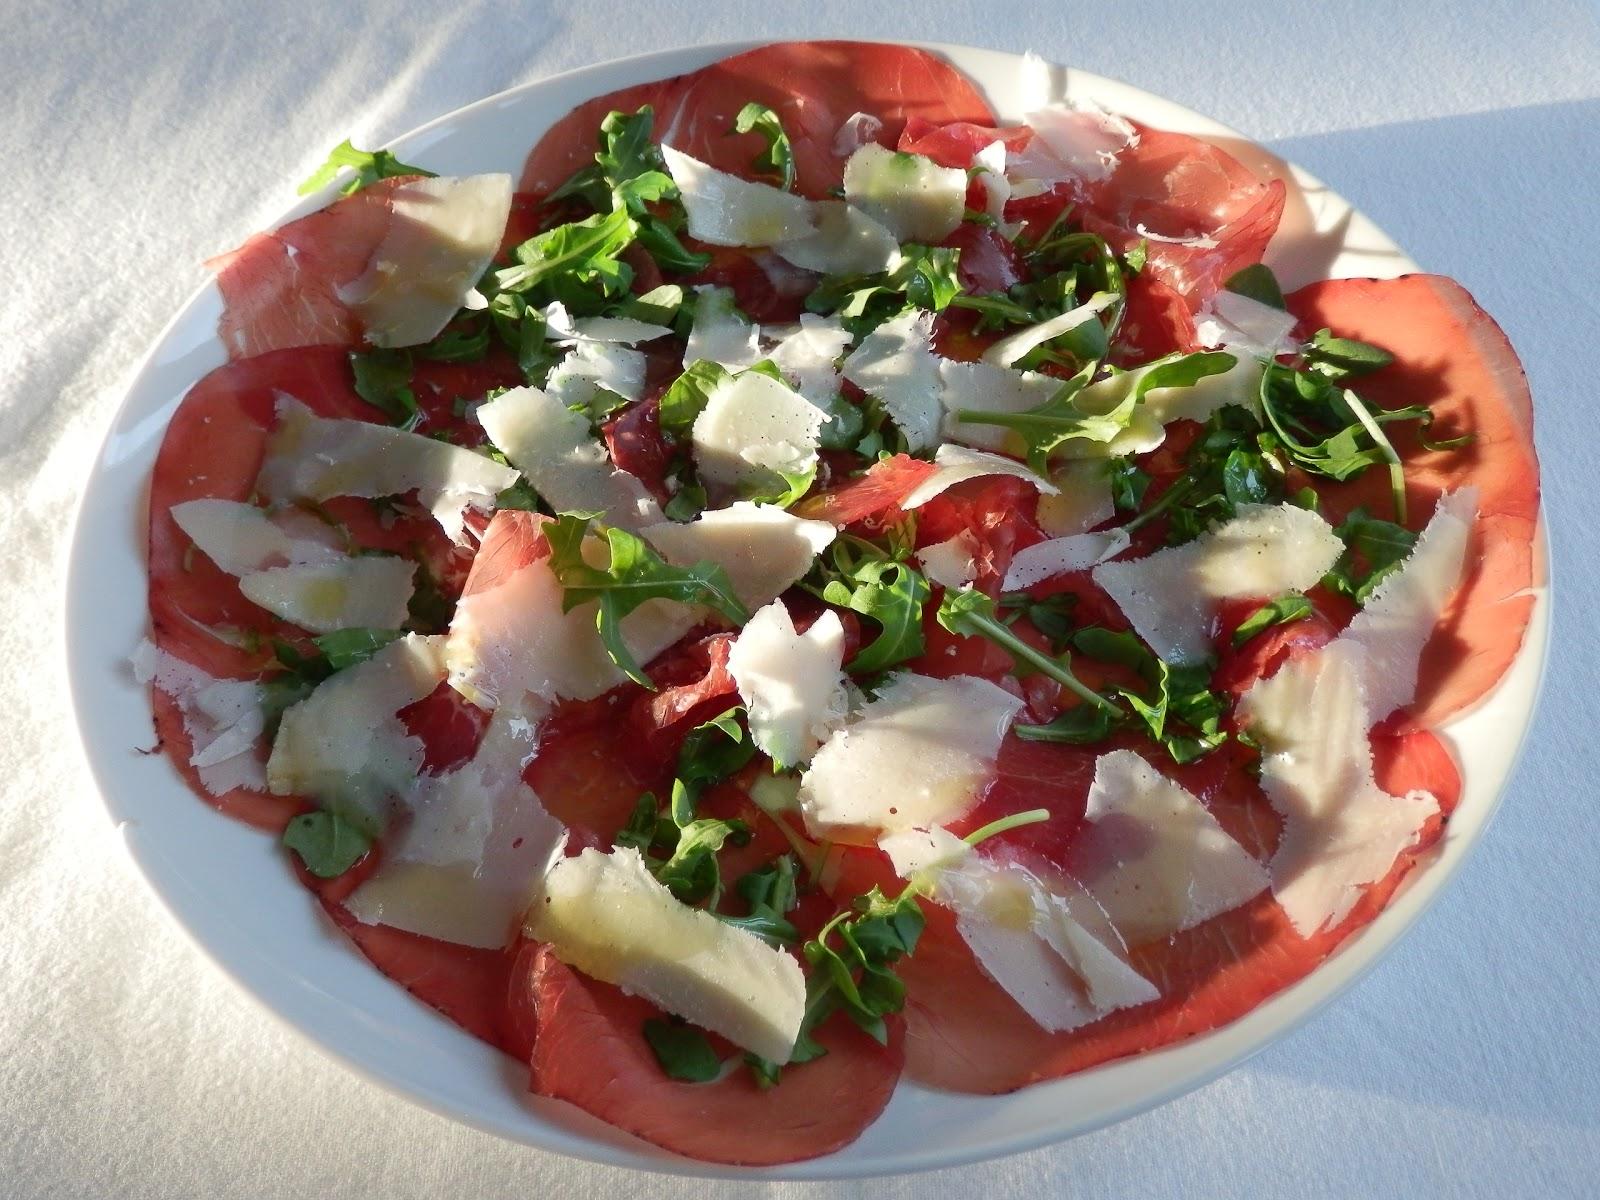 LEEKS & LIMONI: Bresaola, rocket and parmesan salad